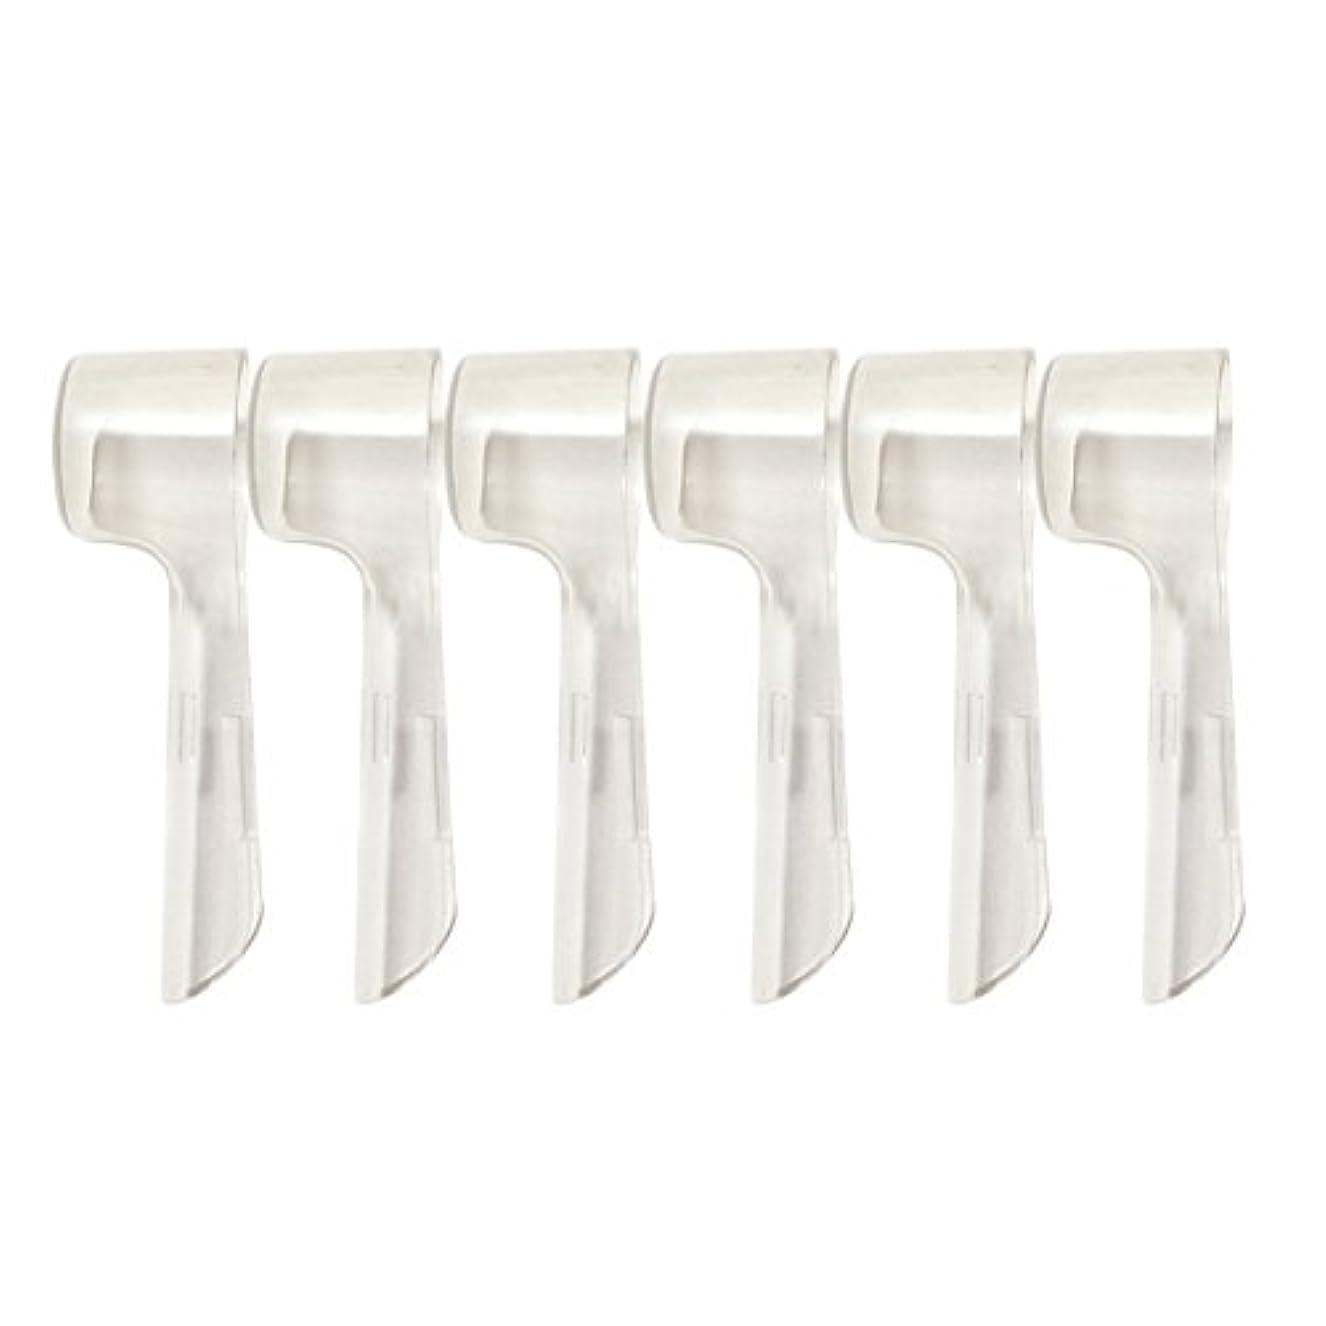 デッド正統派コンパスSUPVOX 旅行のために便利な電動歯ブラシのための12本の歯ブラシのヘッドカバー